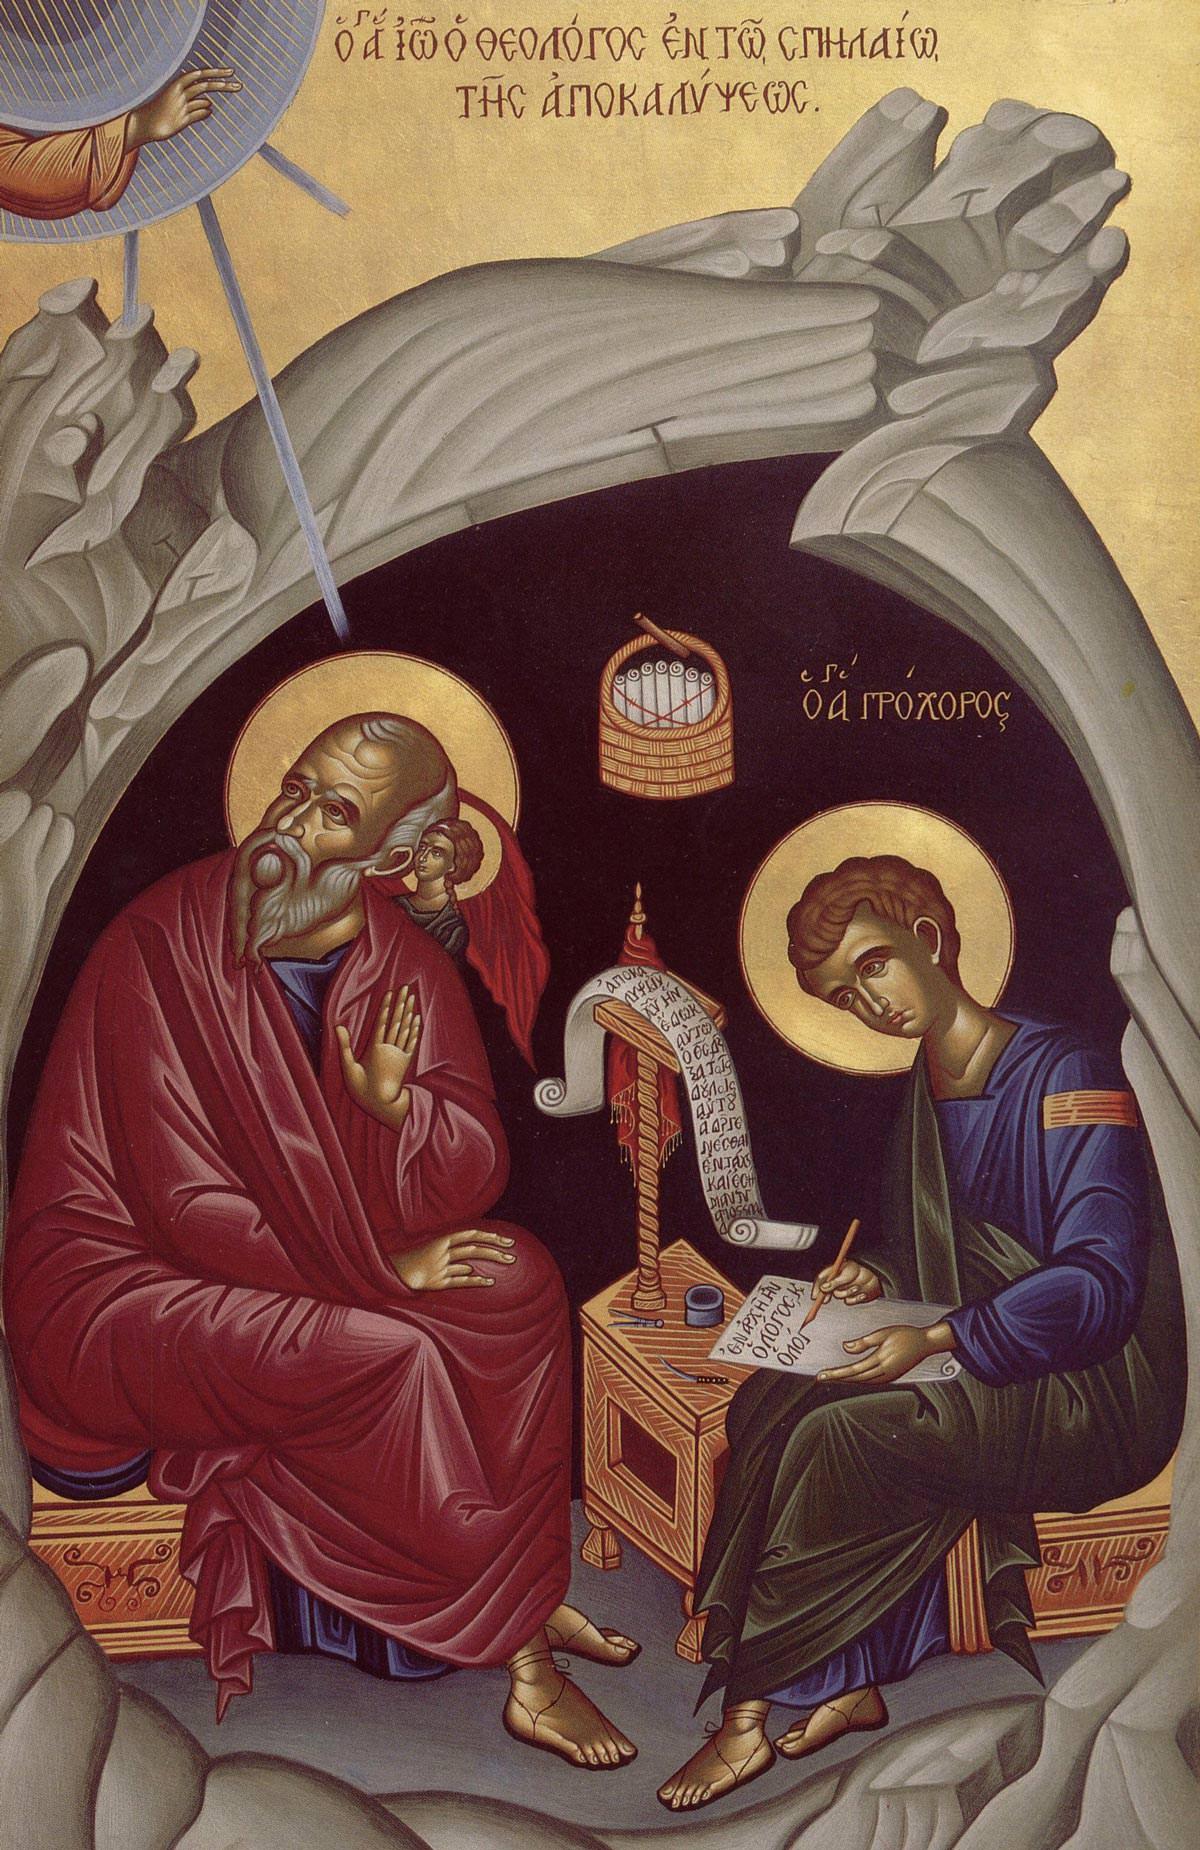 Άγιος Ιωάννης ο Θεολόγος στο σπήλαιο της Αποκάλυψης